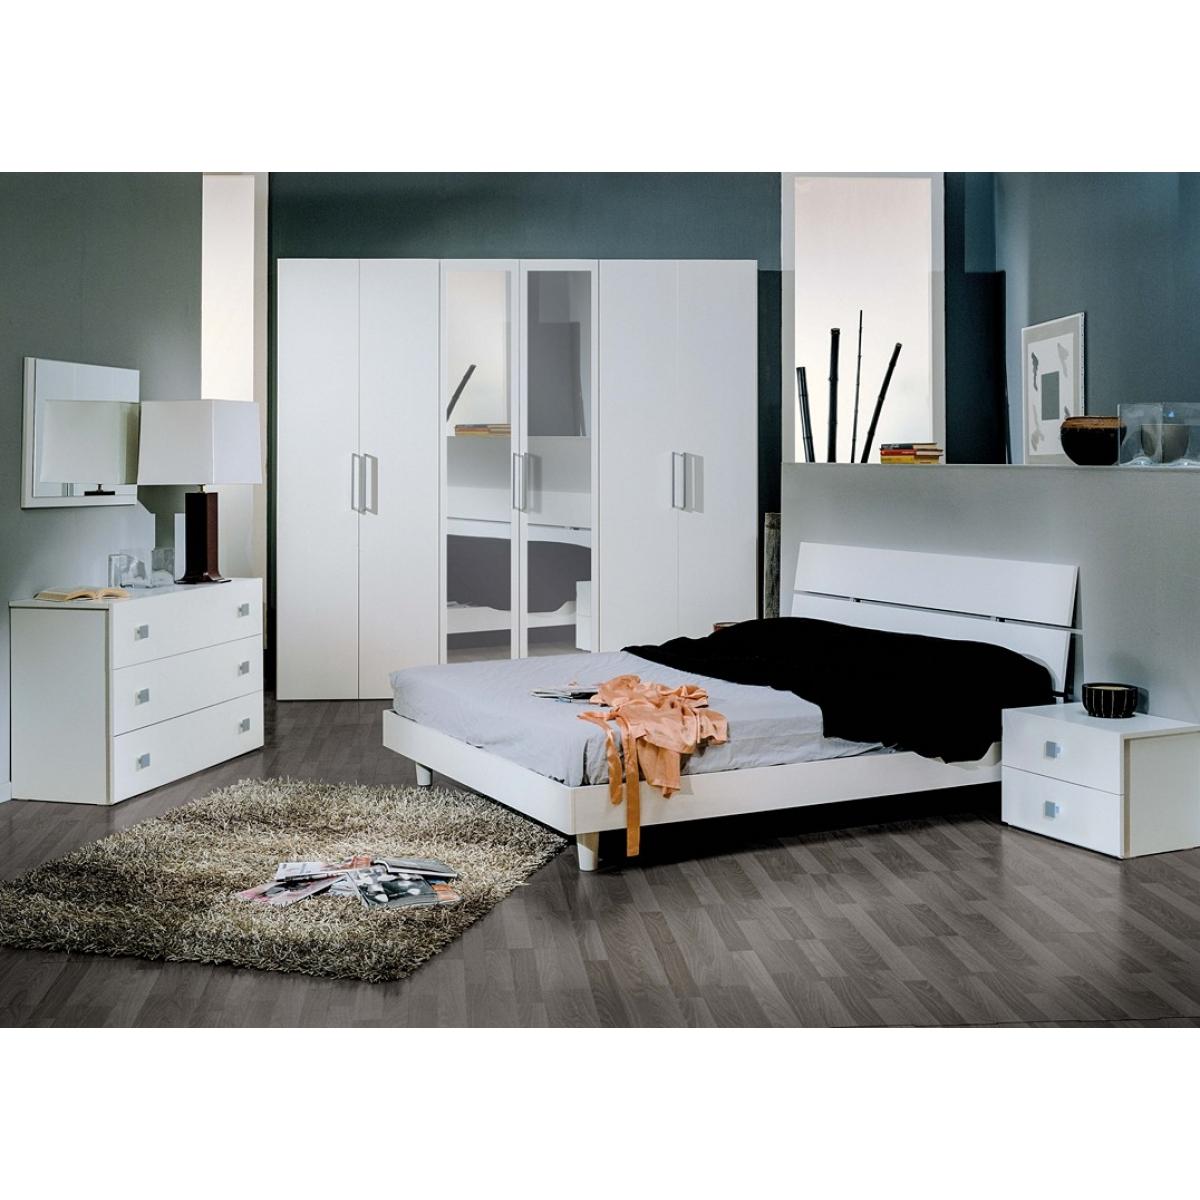 835 camera da letto completa moderna - Camera da letto completa ...